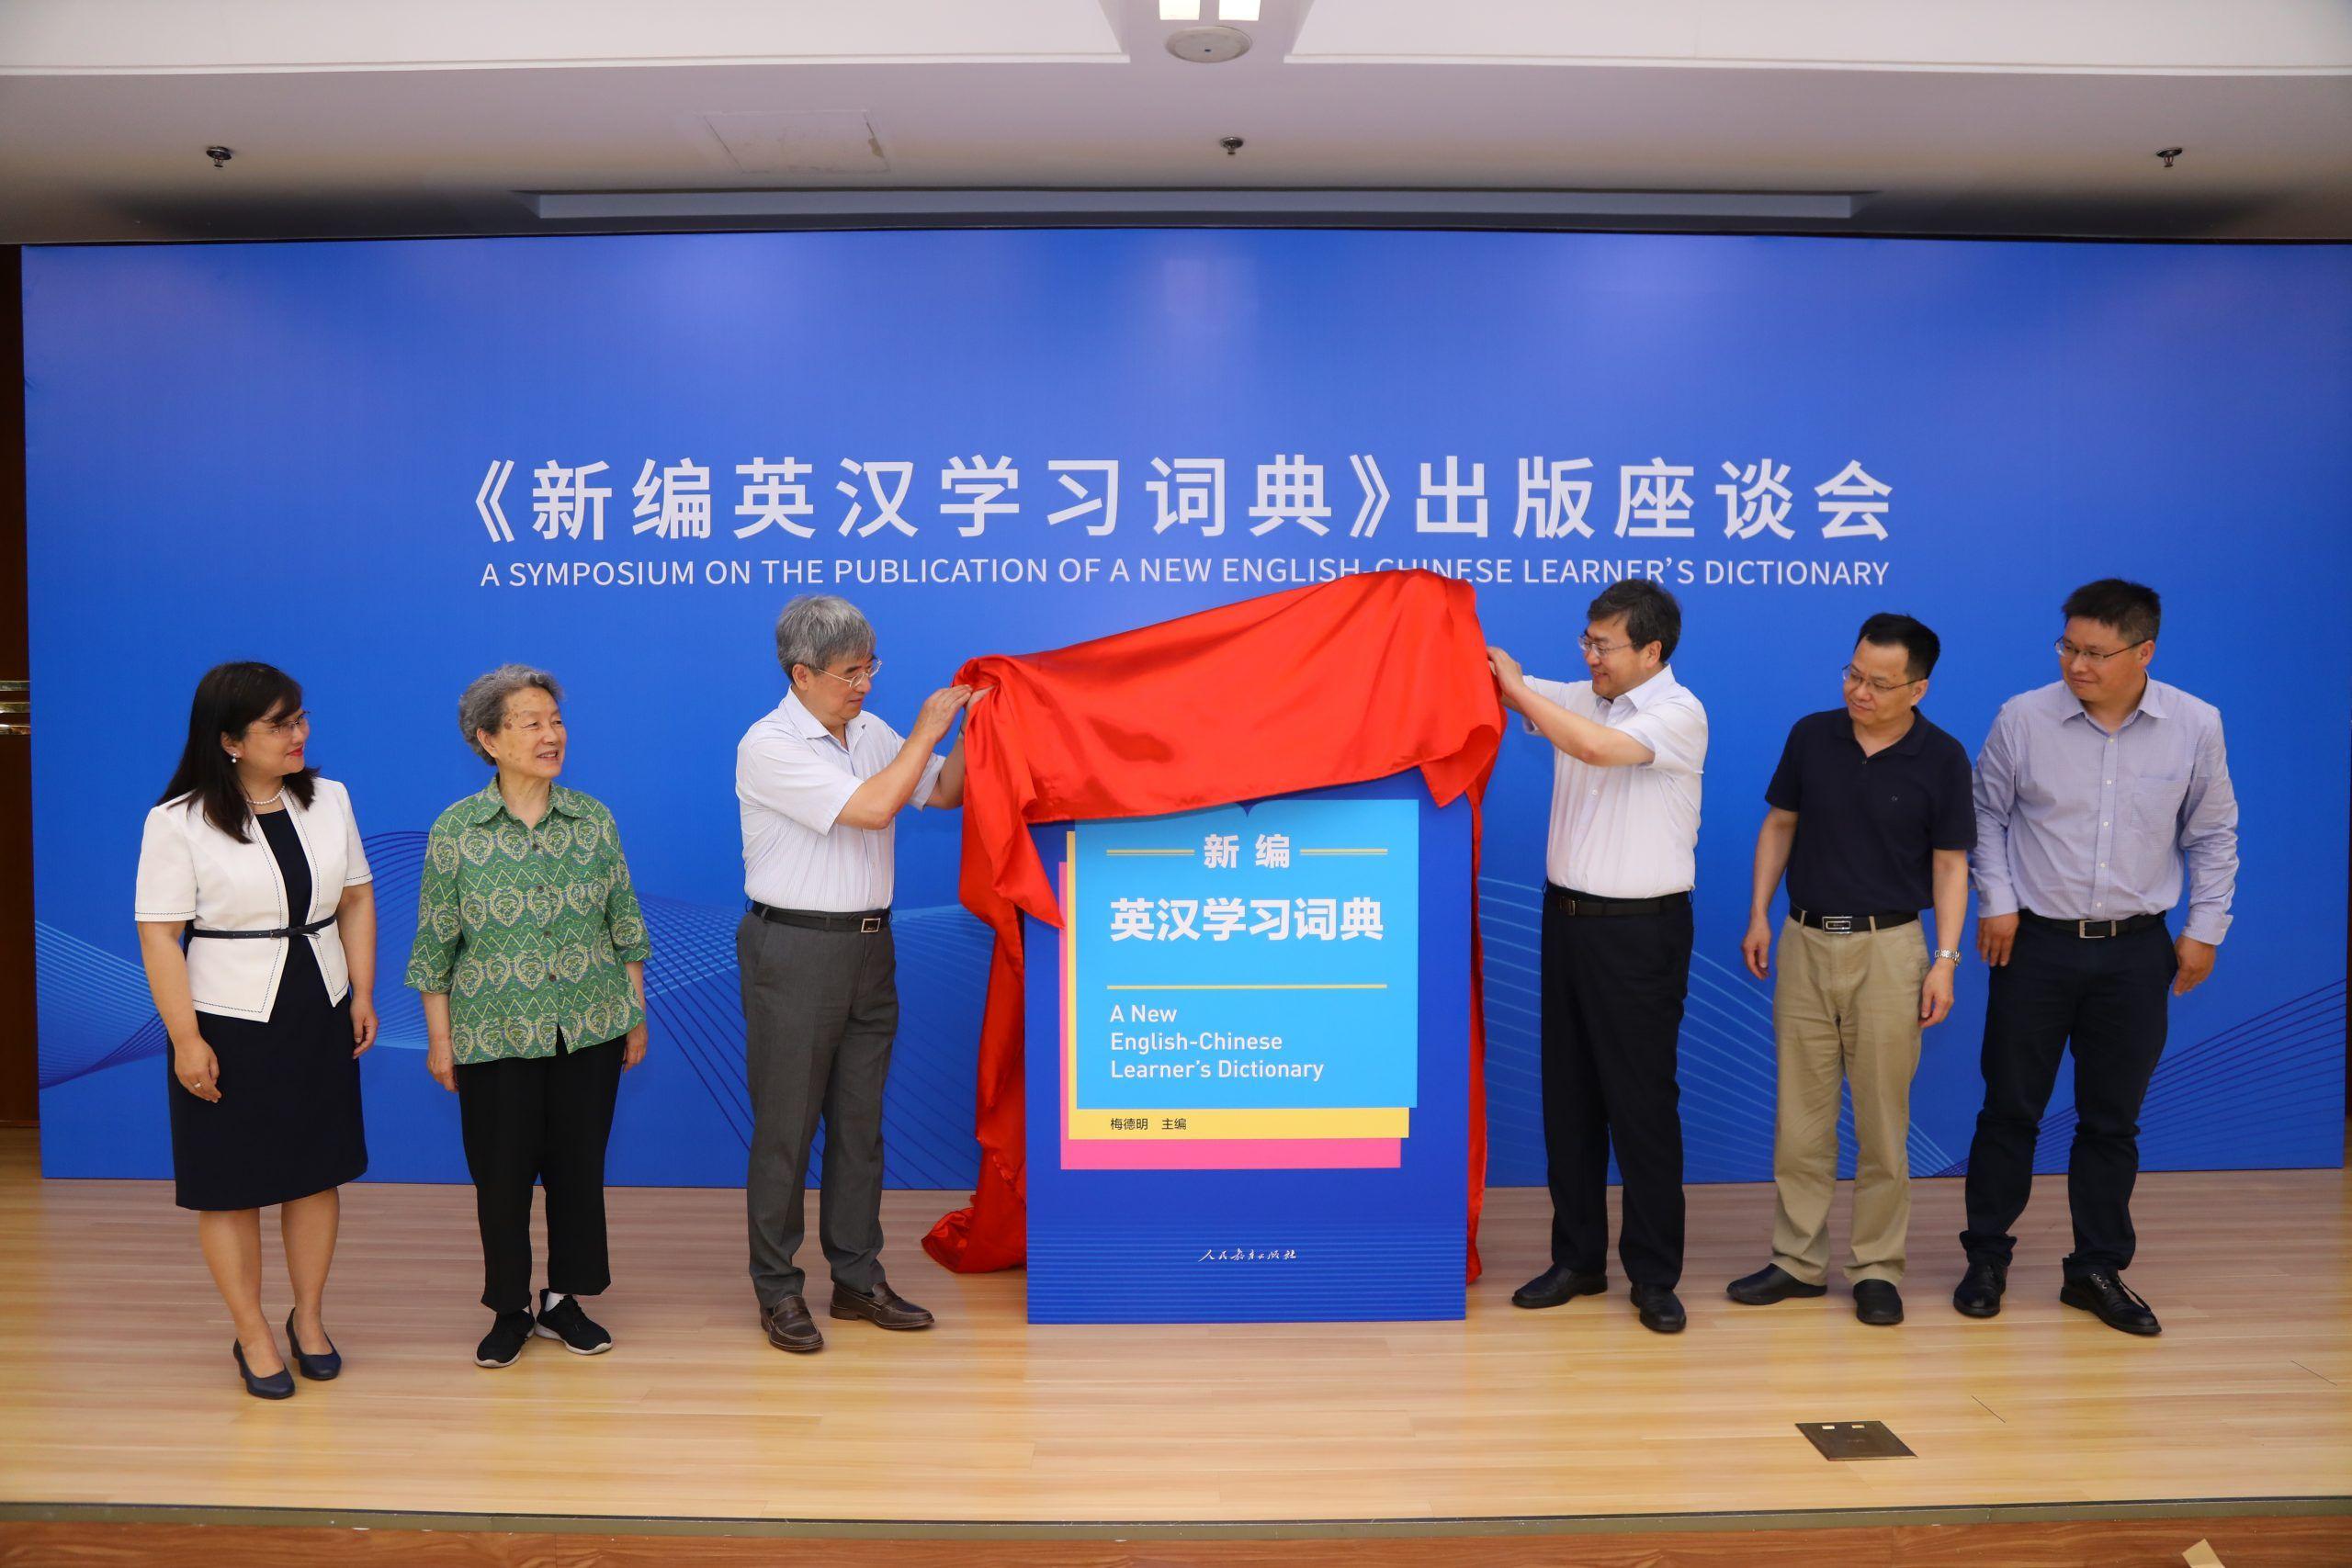 国内第一本原创英汉学习词典《新编英汉学习词典》今日在京发布